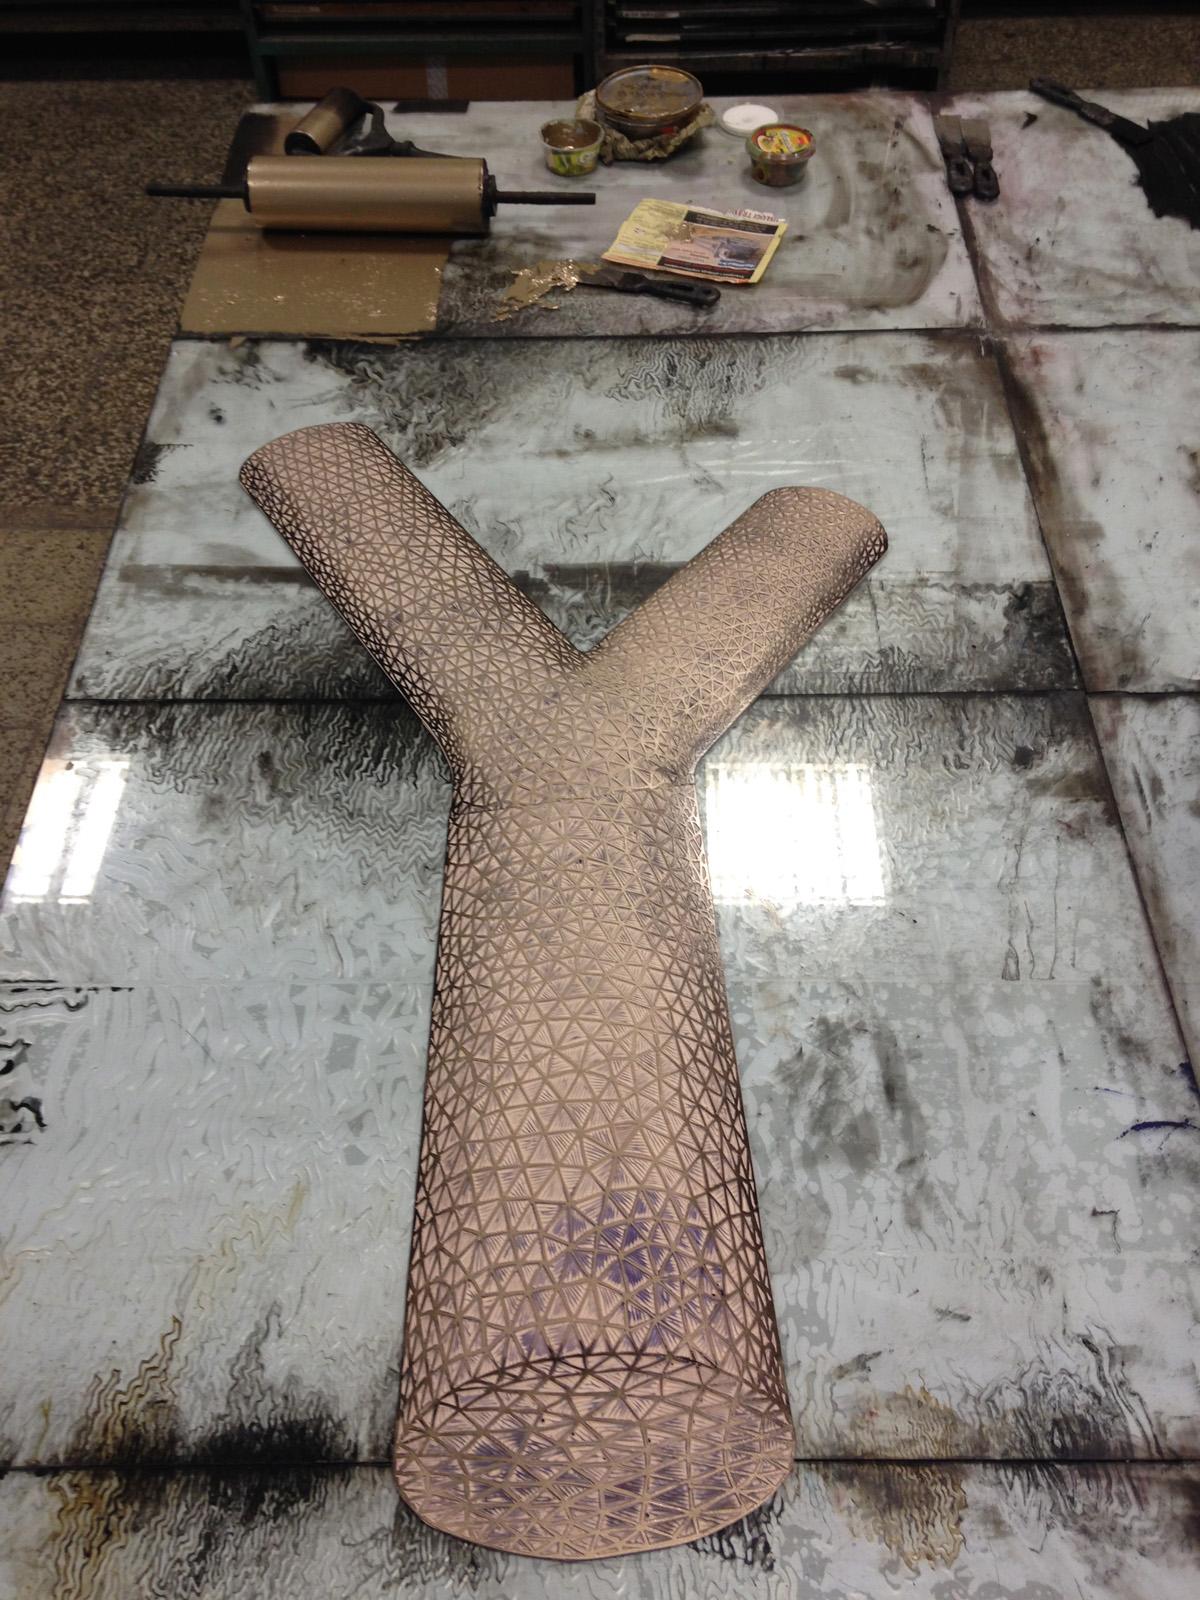 FIGURATIONS XVI linocut_stencil